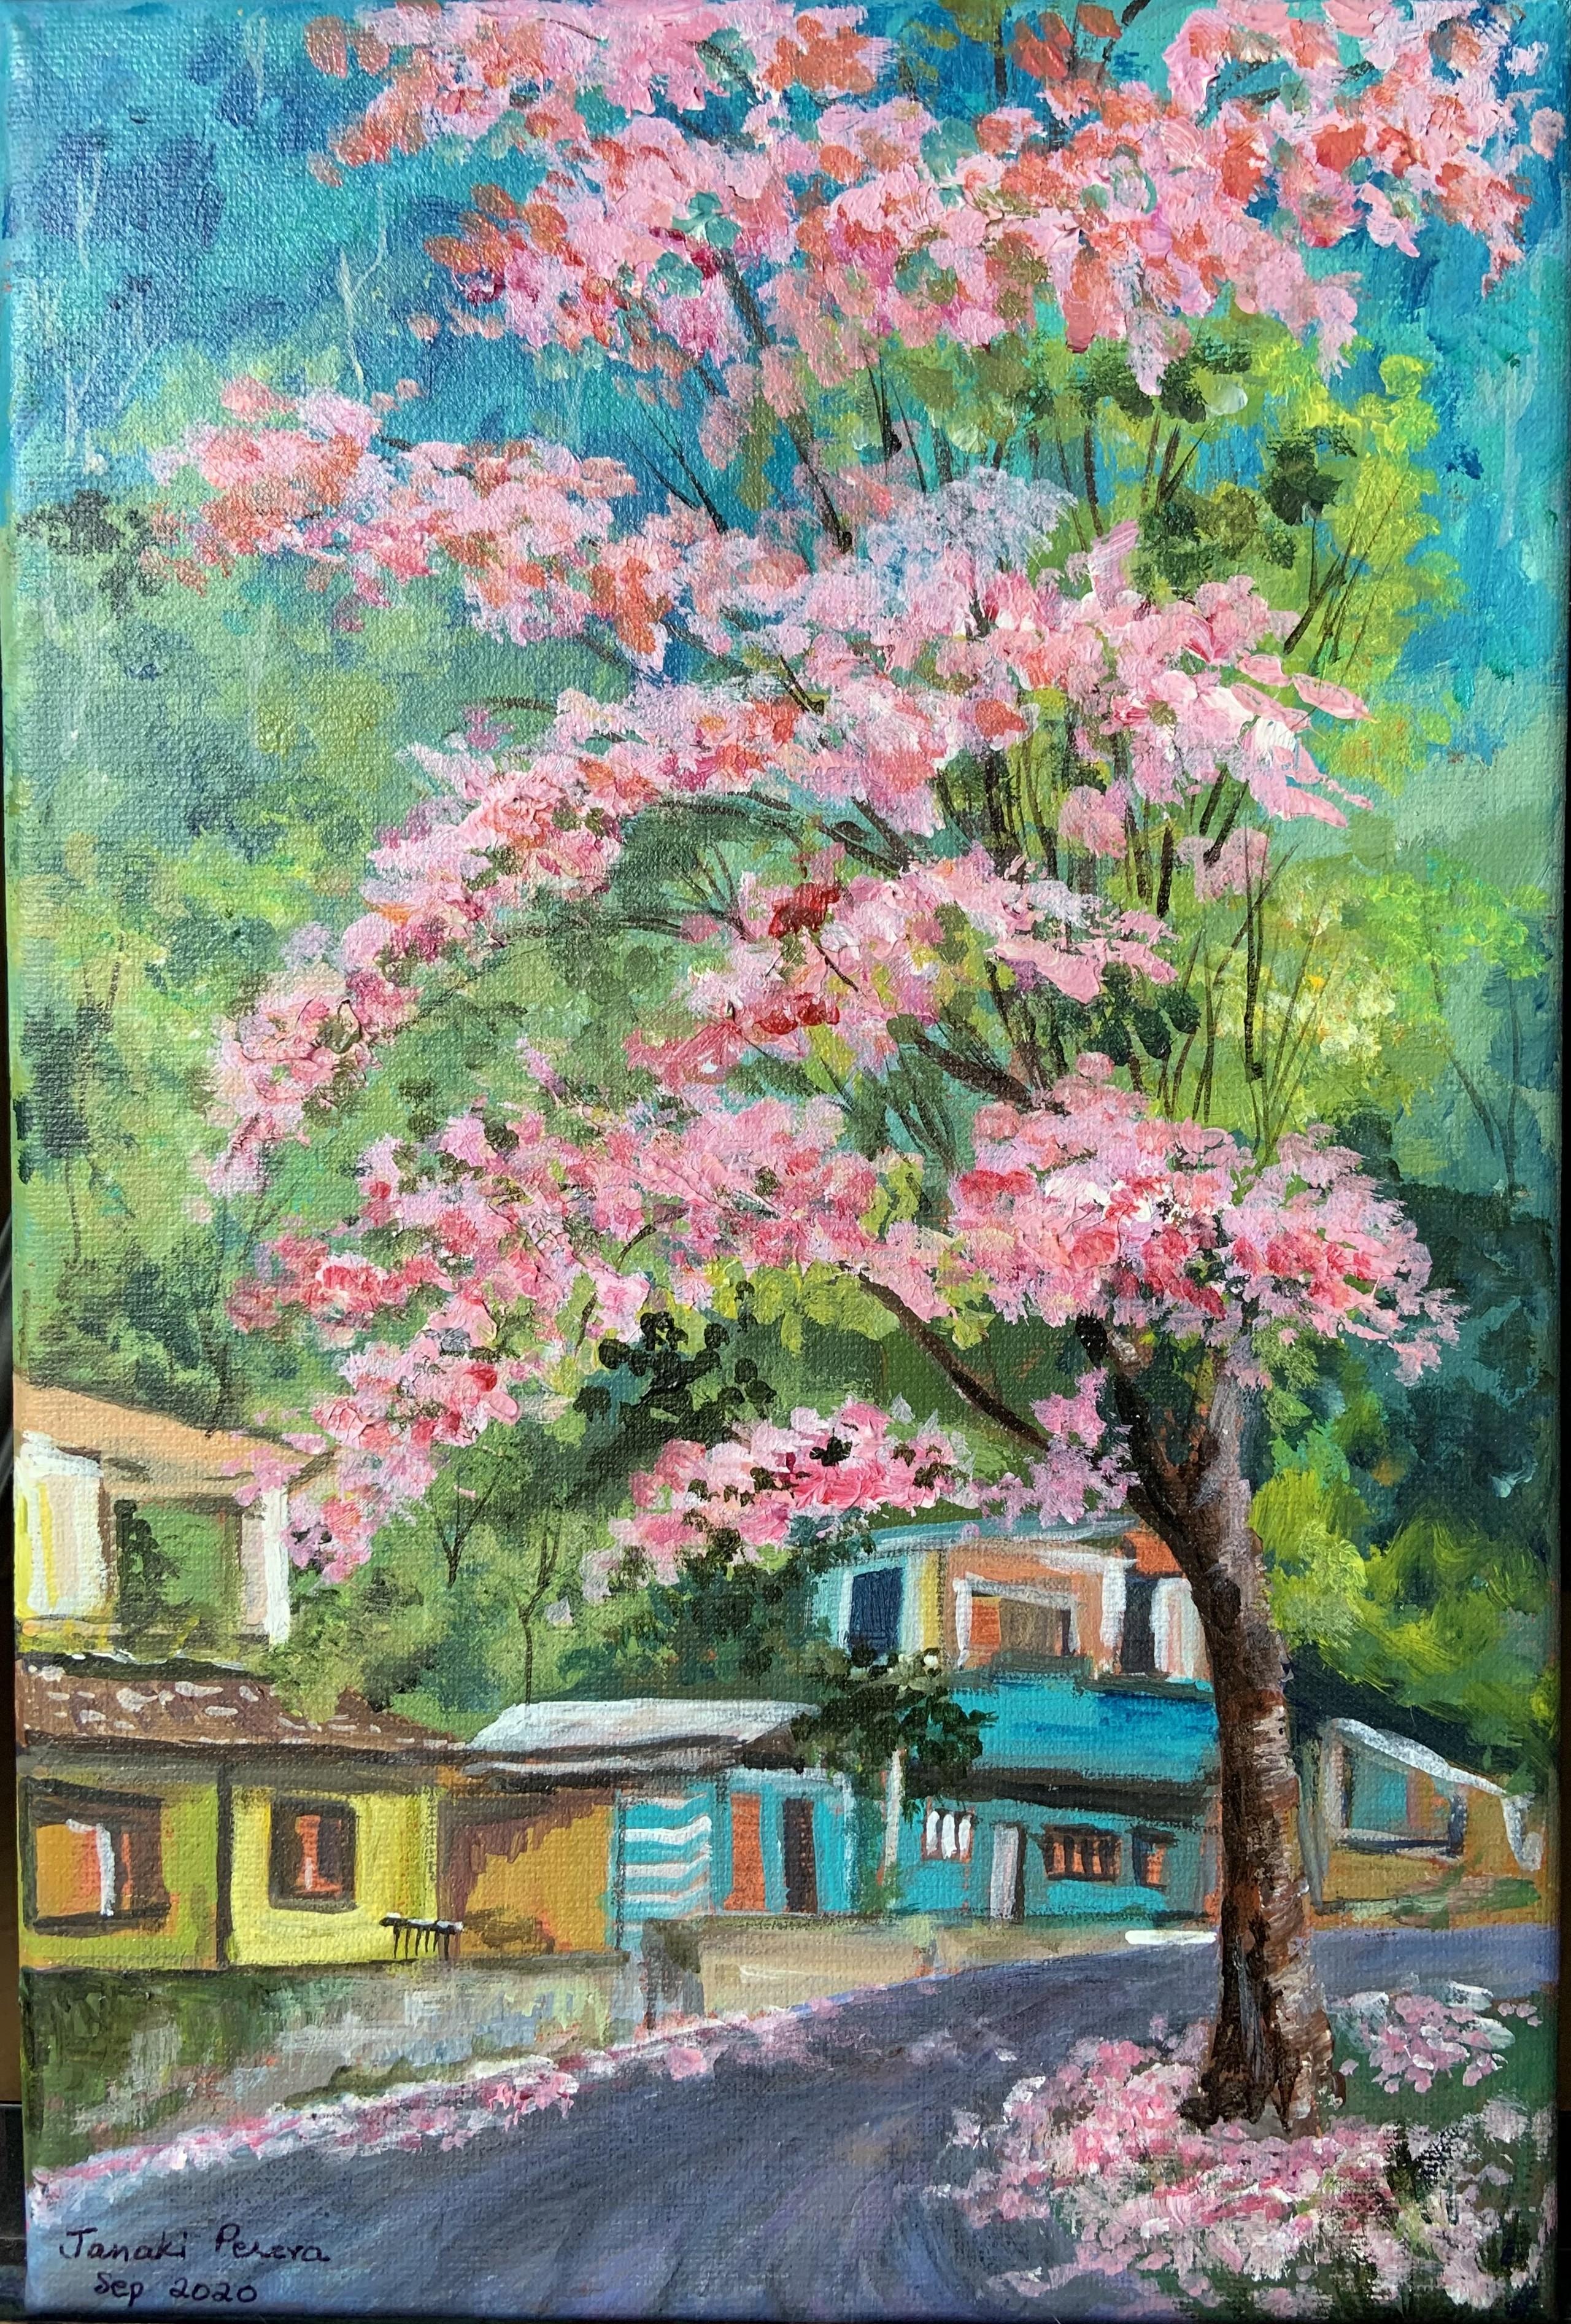 Kandy in April by Janaki Perera